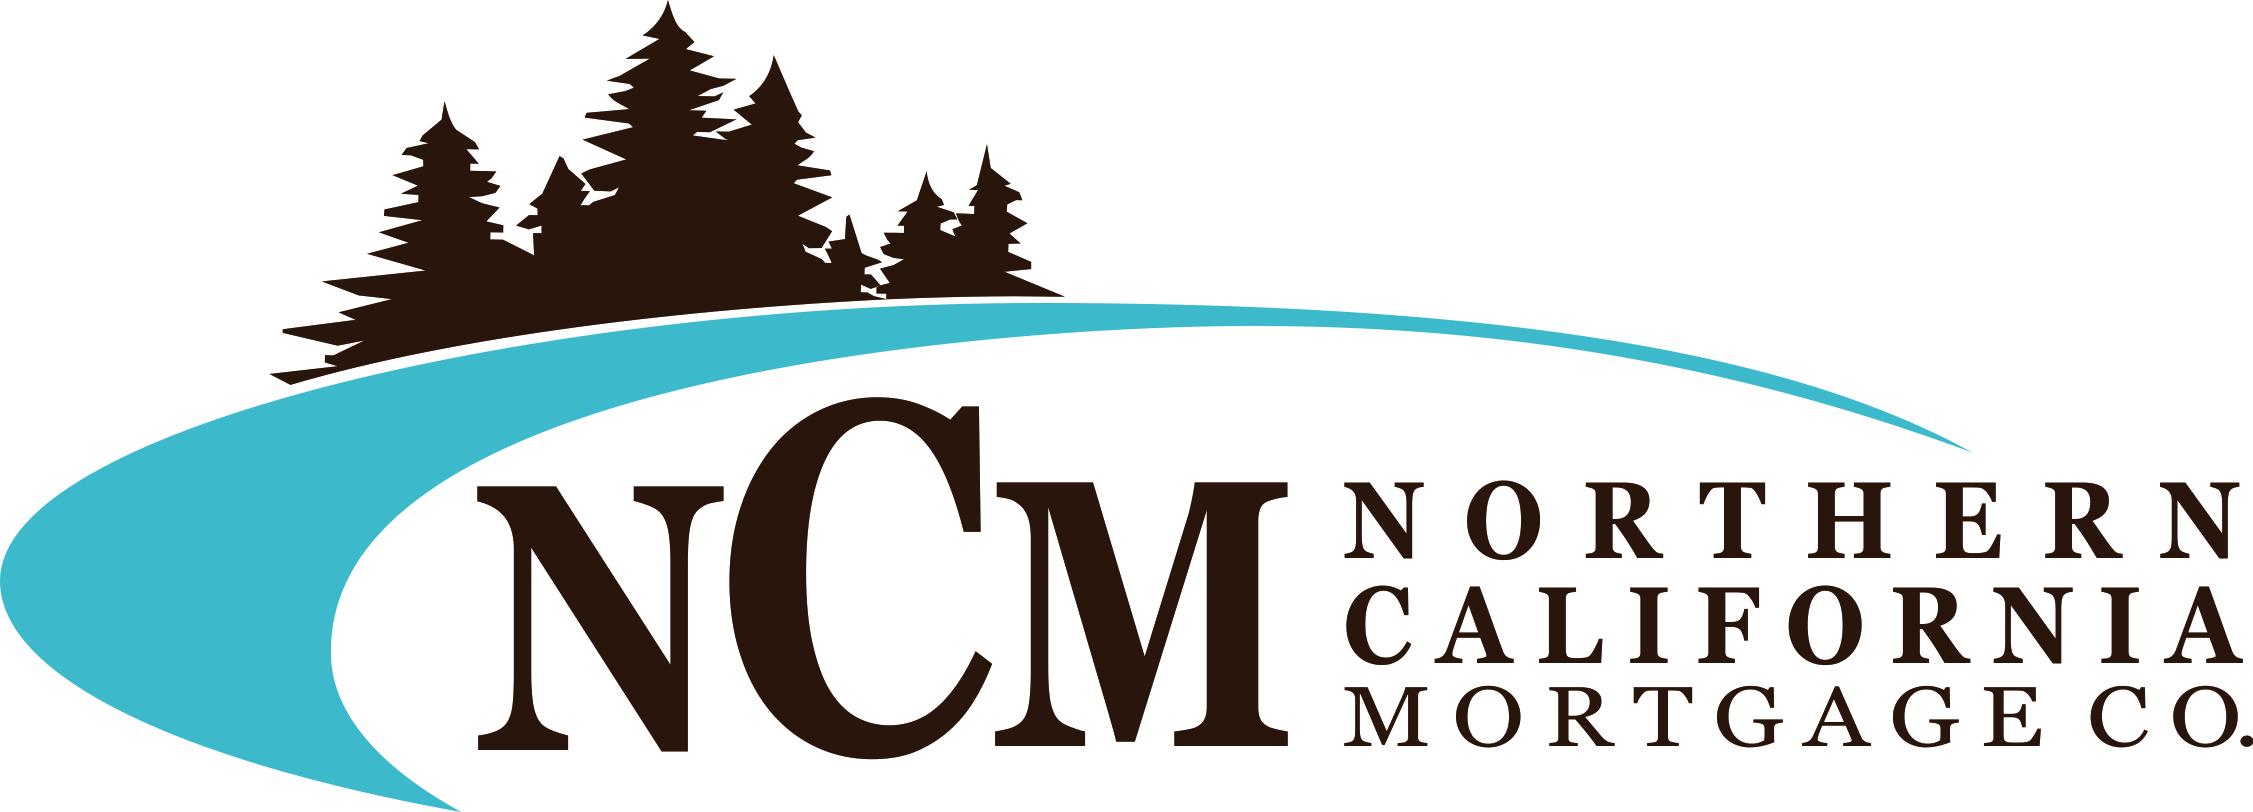 NCM_logo-new.jpg